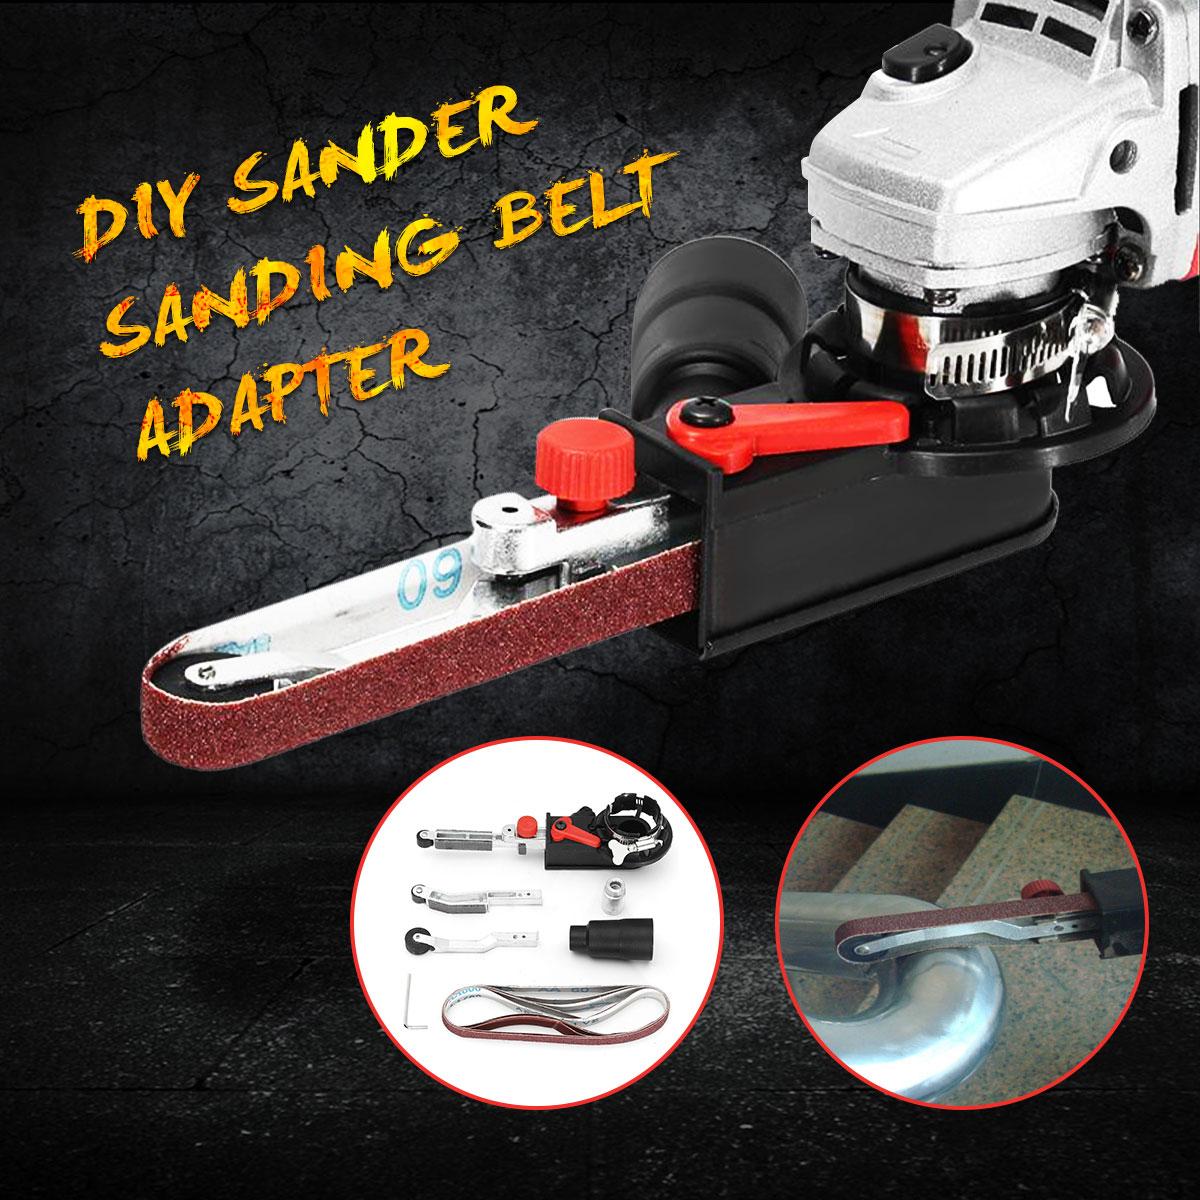 DIY Sander lijado cinturón adaptador para 115/125 amoladora angular eléctrica con M14 hilo husillo para trabajar la madera Metalurgia